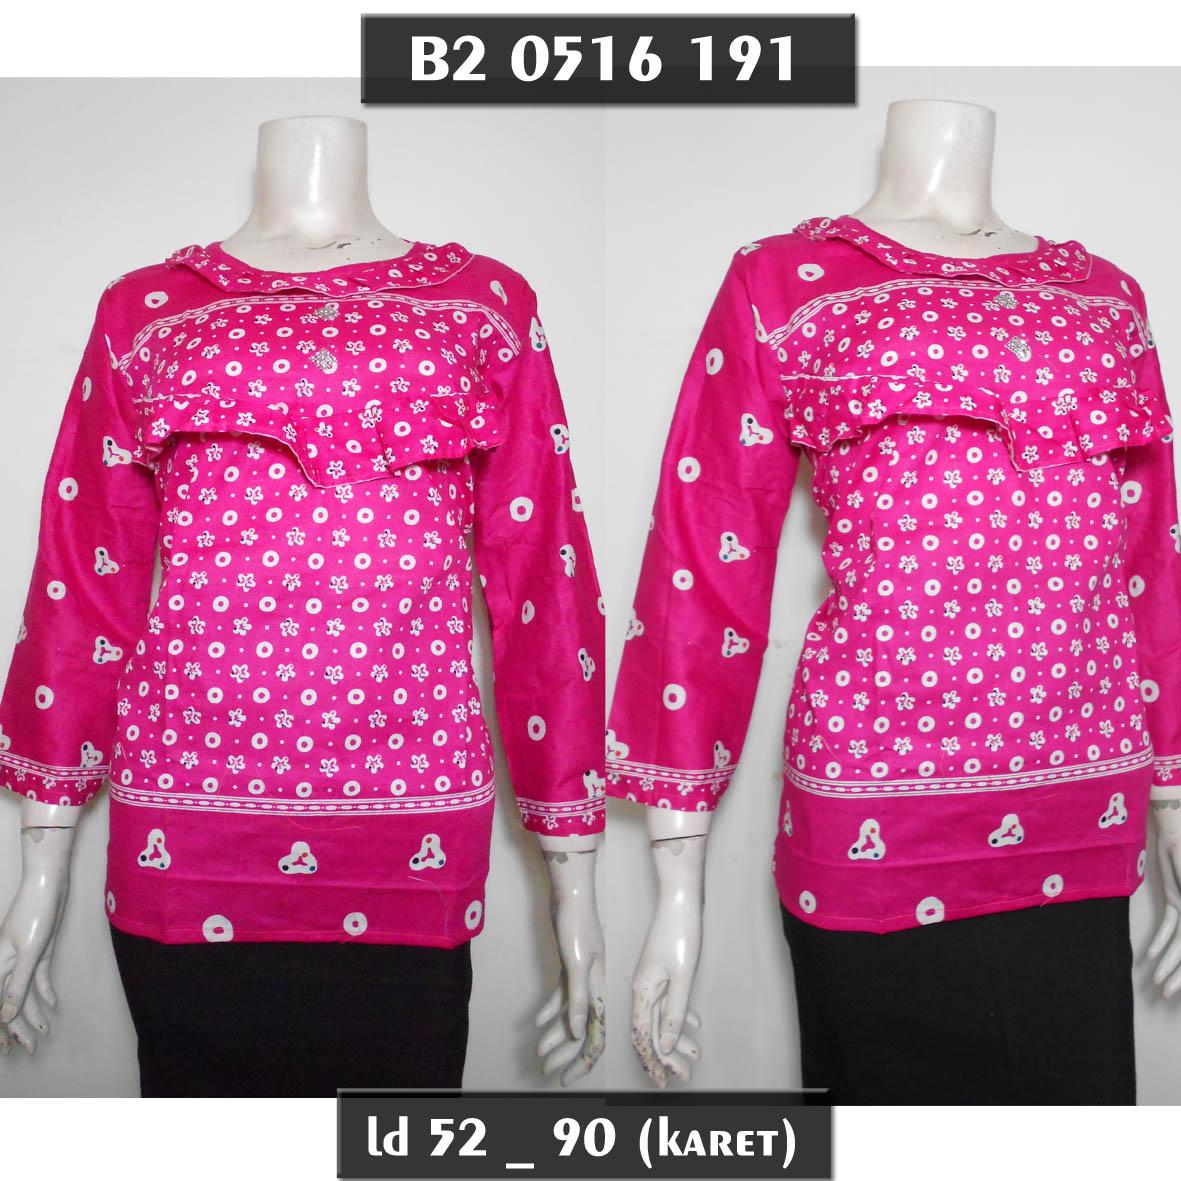 Jual Blus Batik Abg Muslim Pink M Blouse Atasan Lengan Panjang